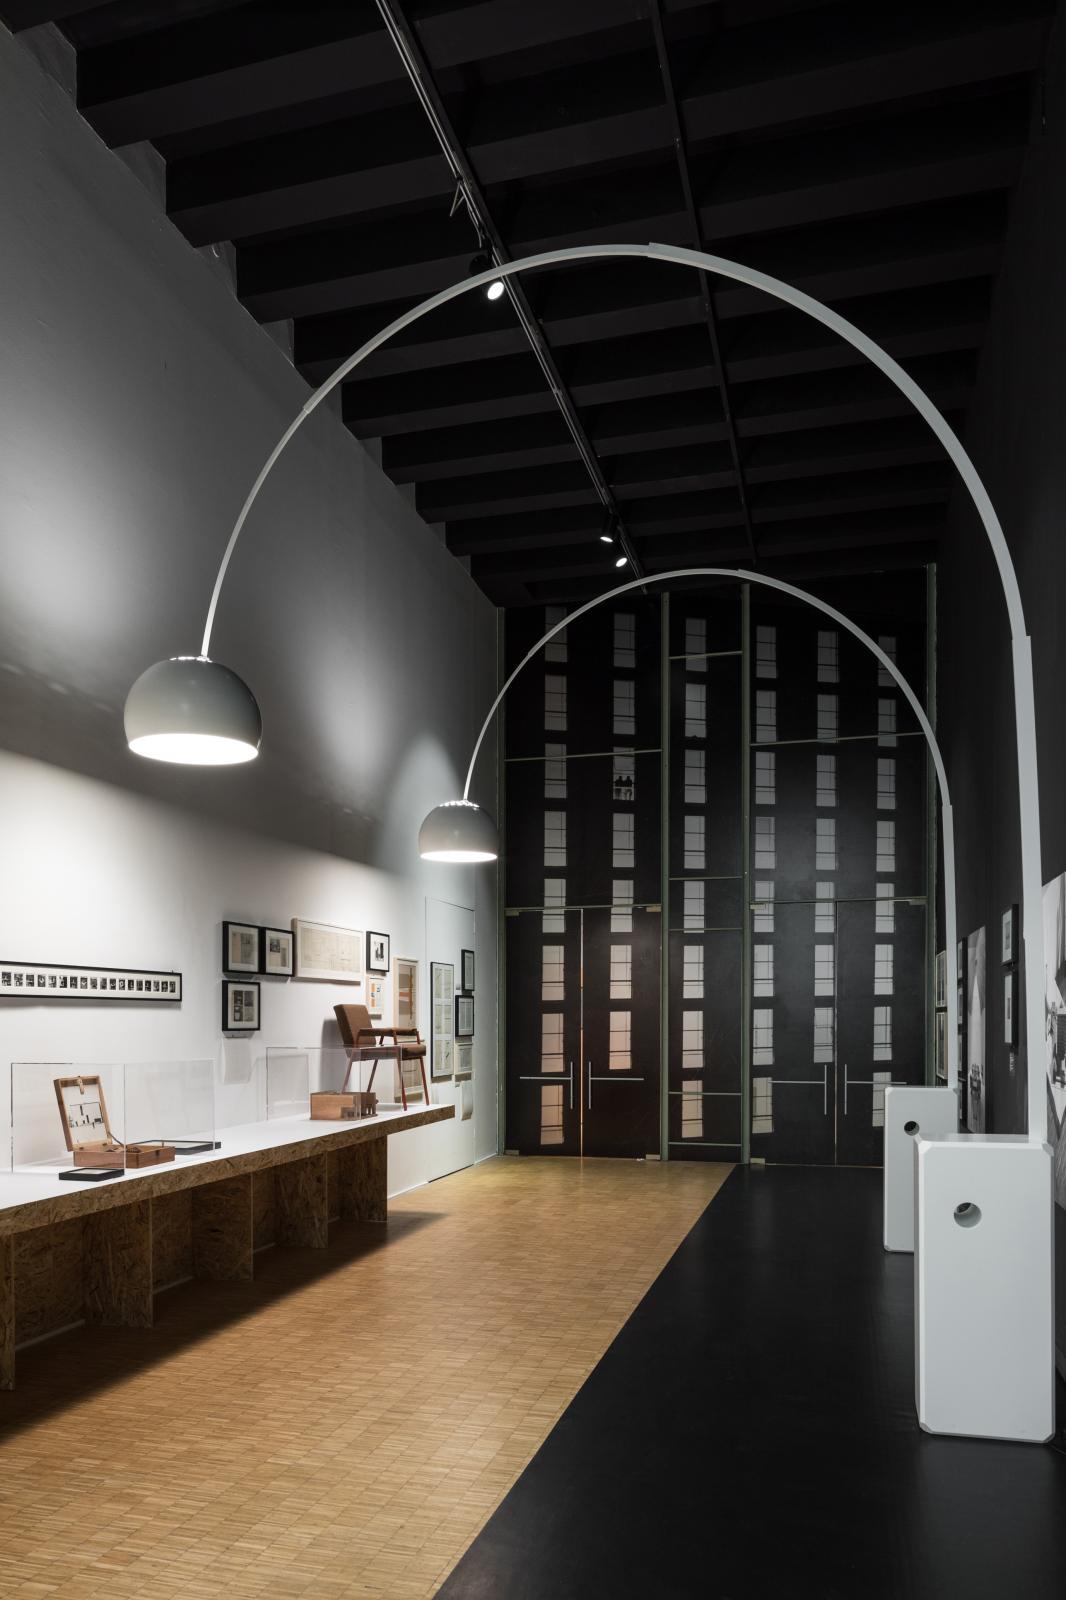 L'exposition met en valeur des classiques du créateur, comme le lampadaire Arco.